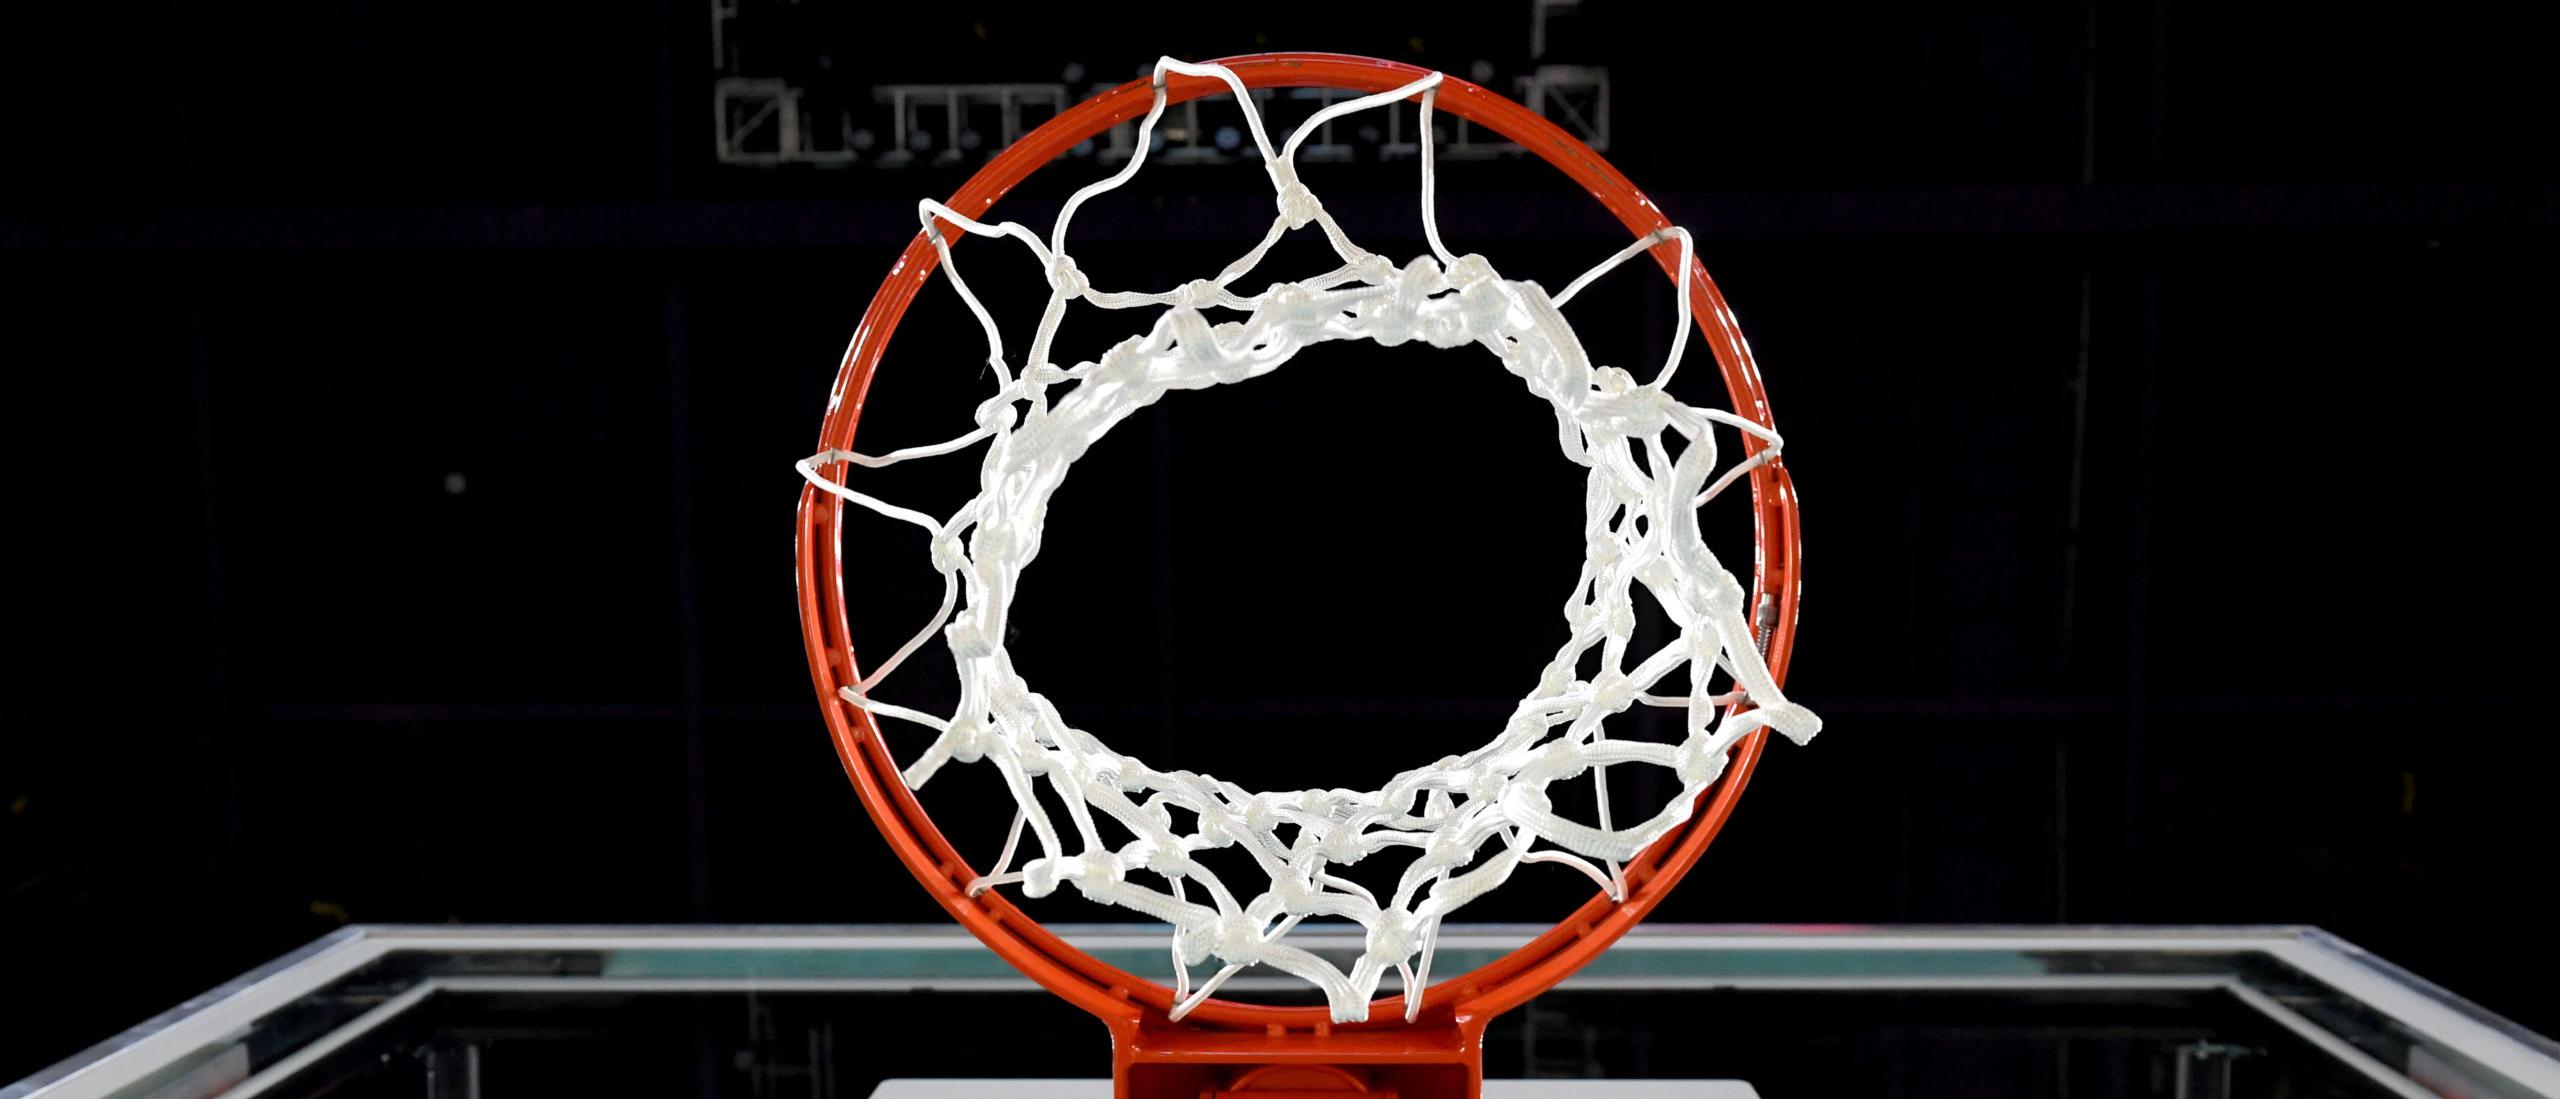 Regole del basket e differenze tra NBA e FIBA: la pallacanestro spiegata a tutti